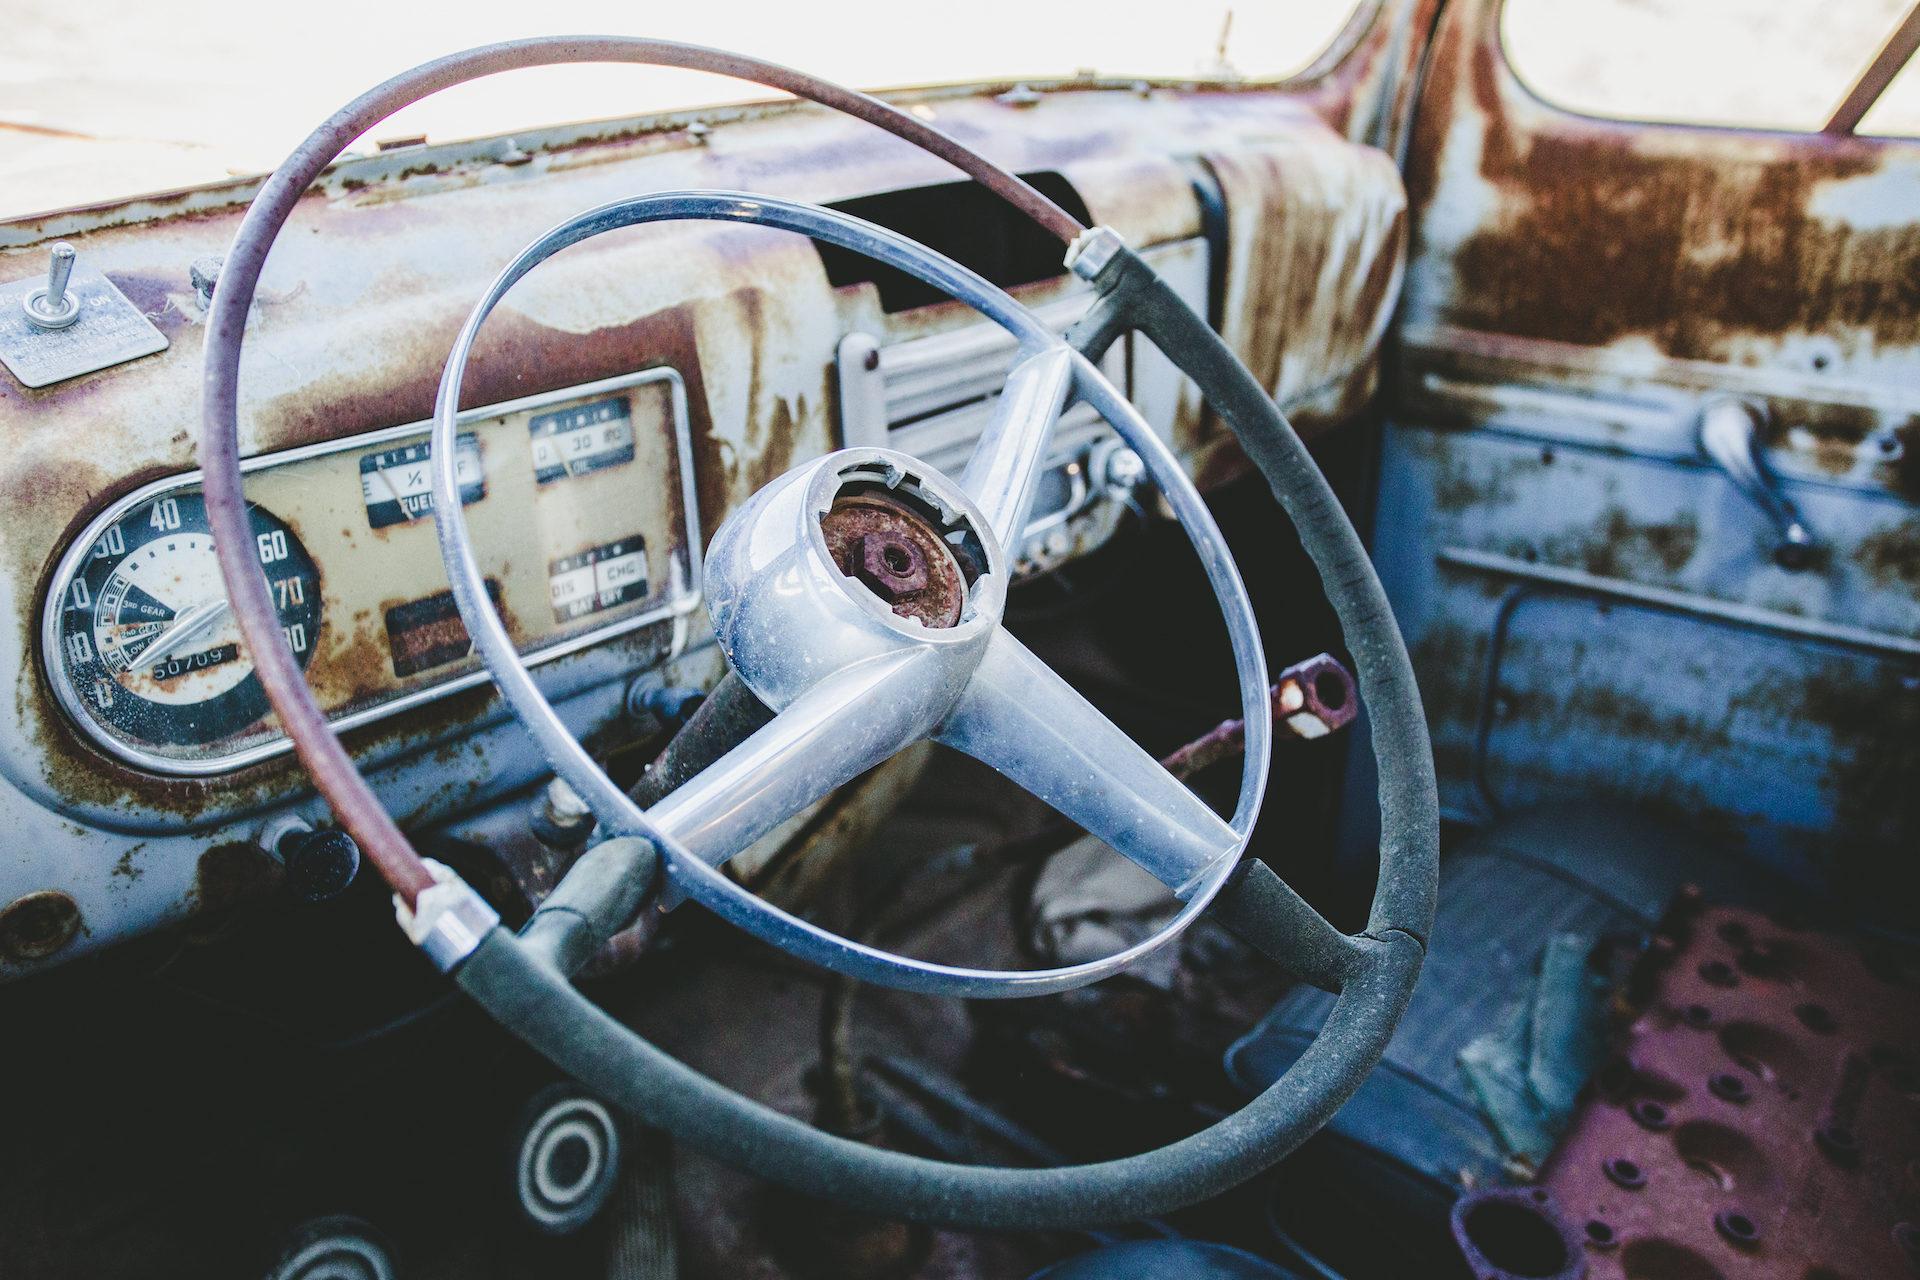 автомобиль, antiguo, Старый, Ржавая, Винтаж - Обои HD - Профессор falken.com